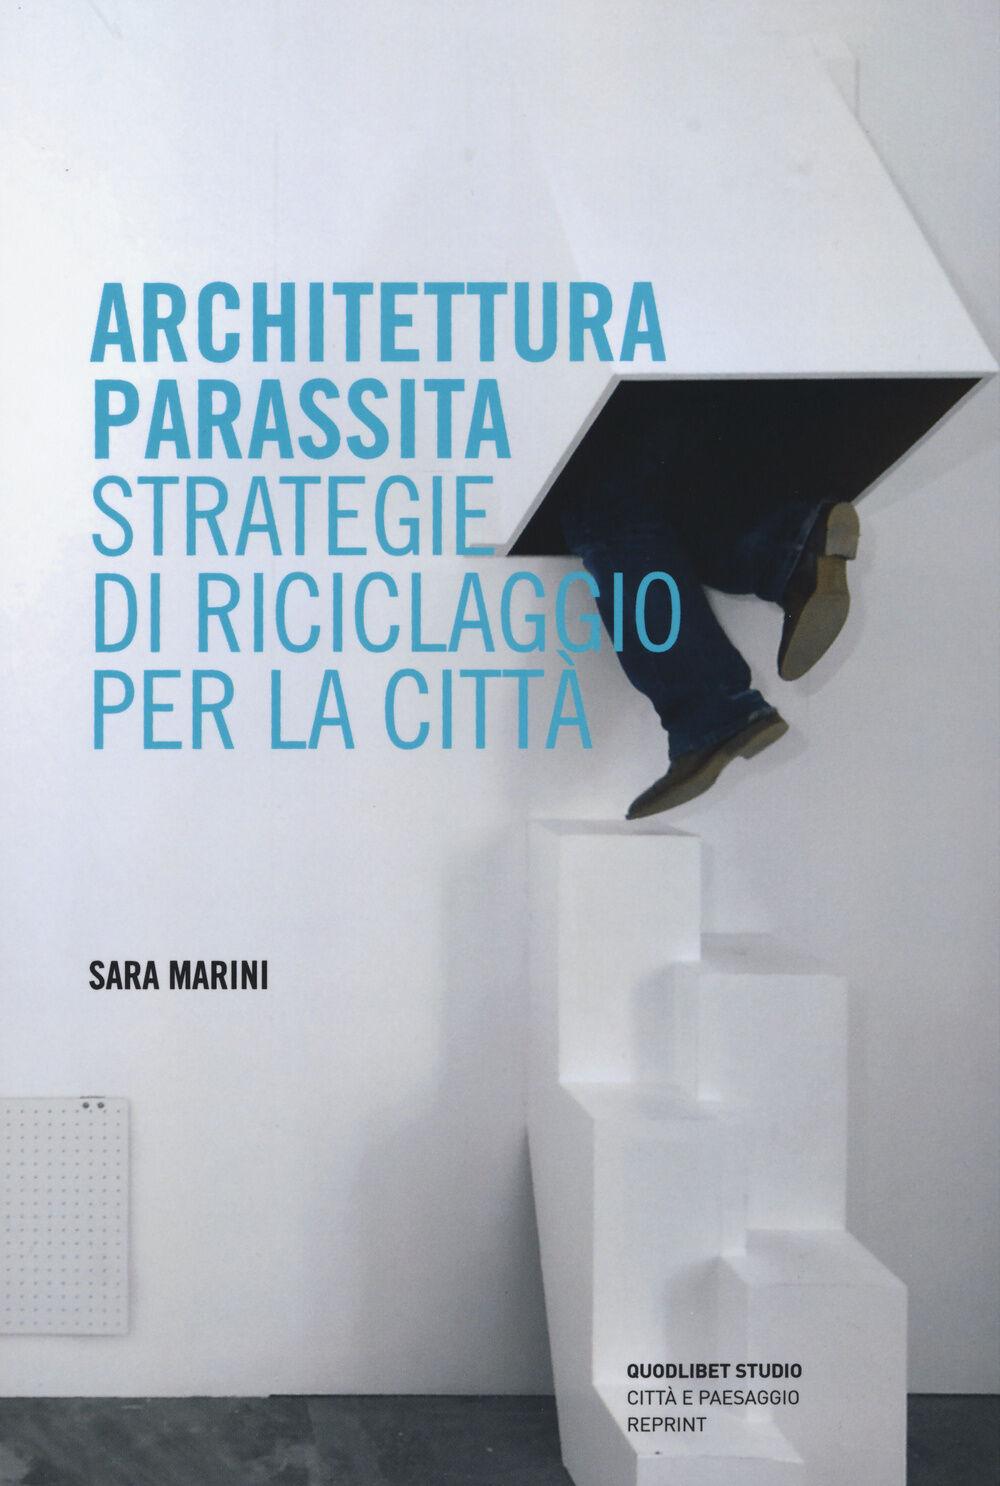 Architettura parassita. Strategie di riciclaggio per la città